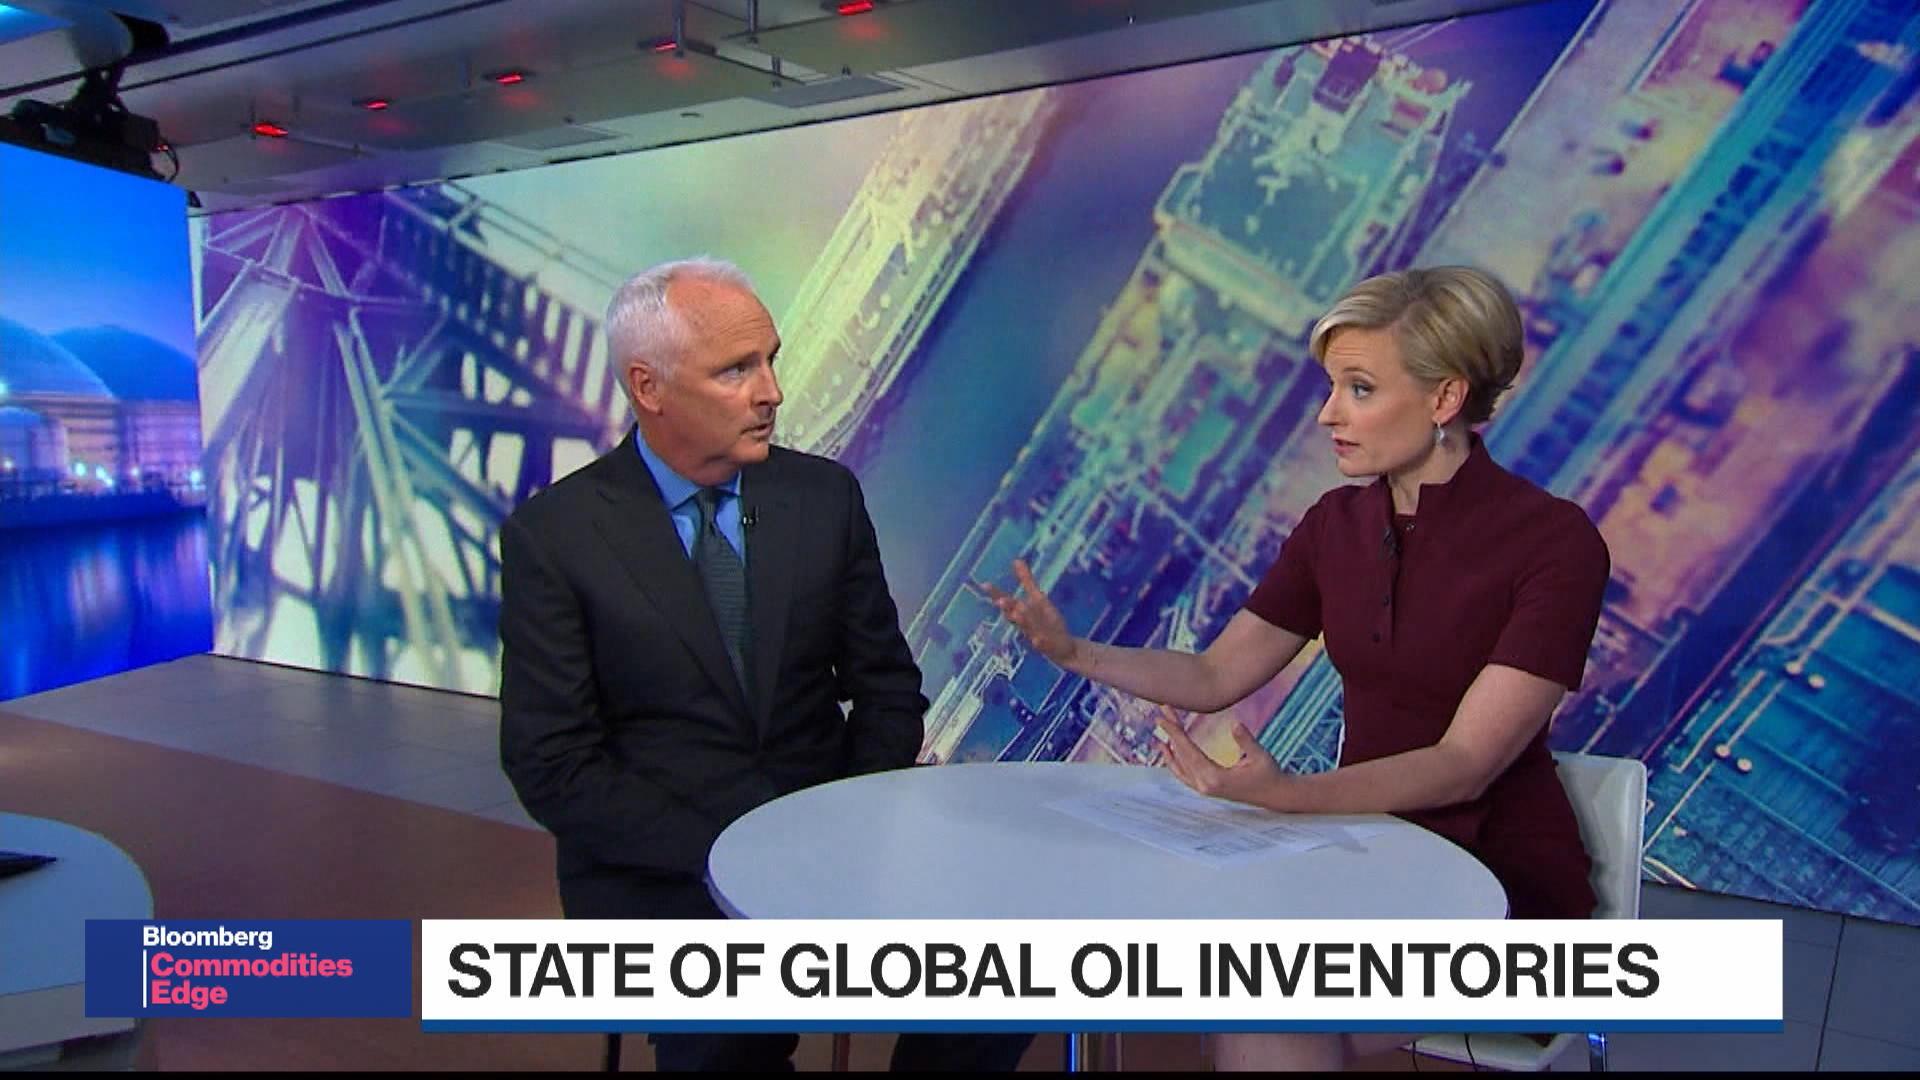 OPEC's challenge: higher global oil inventories